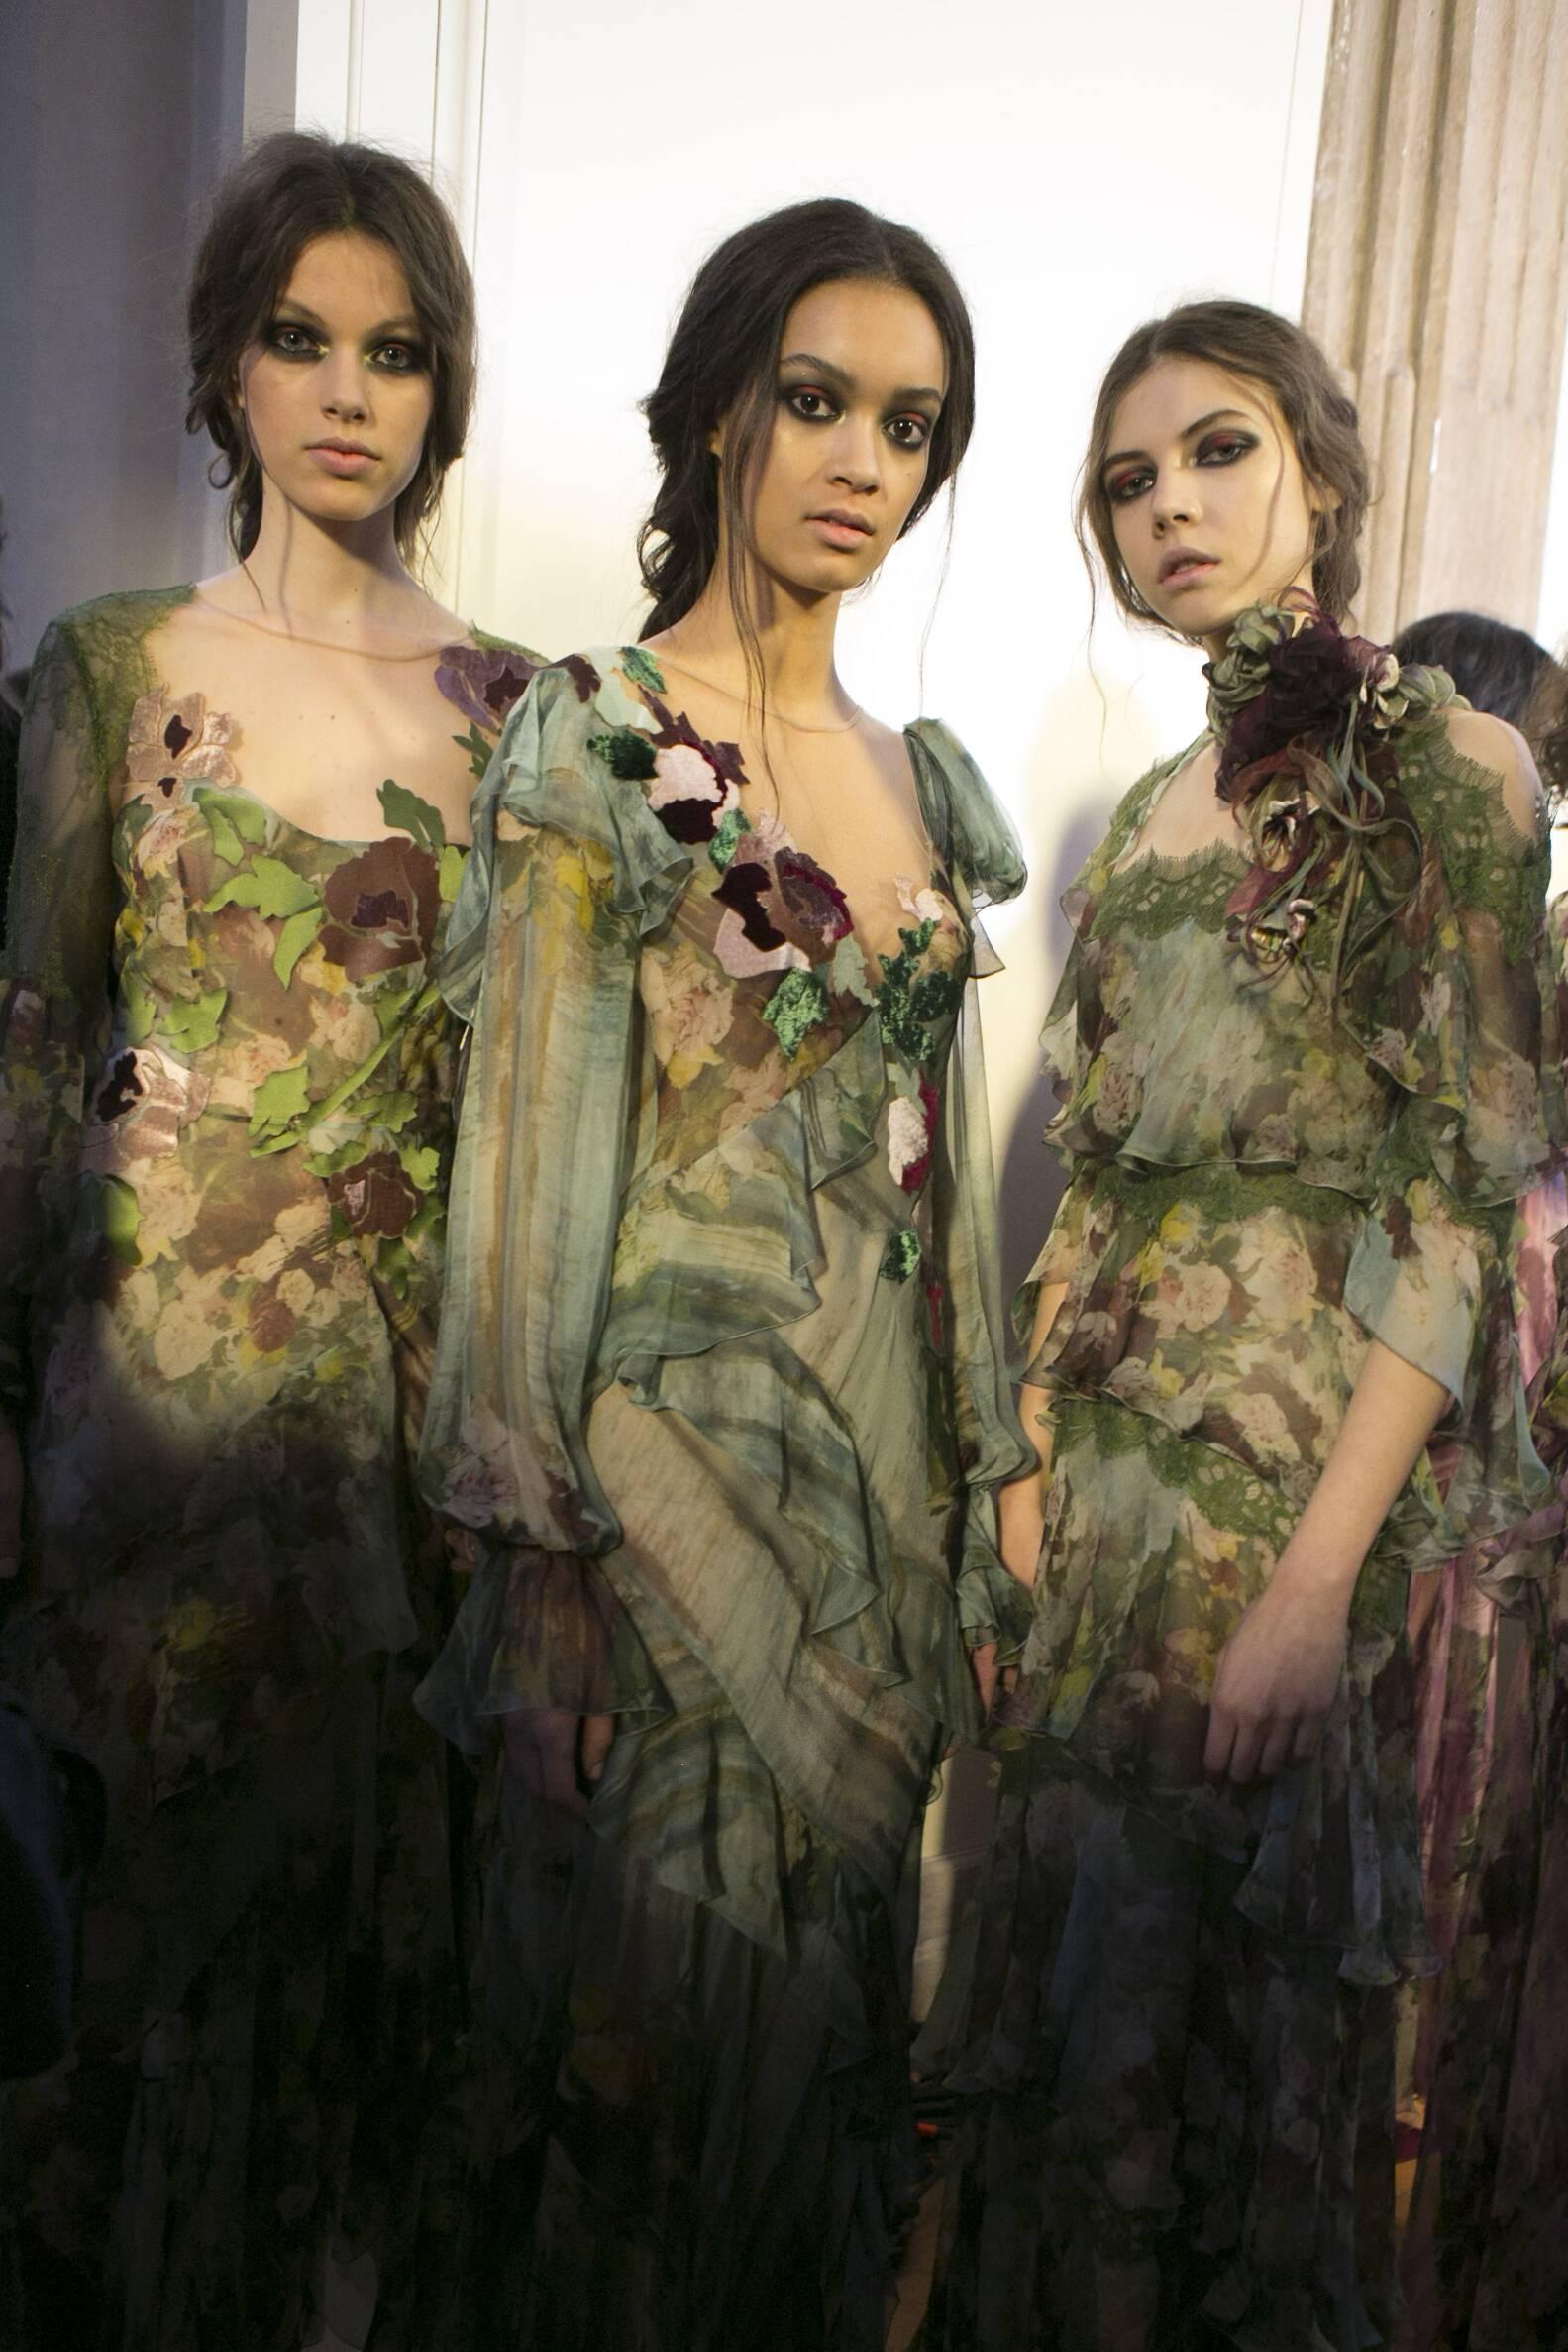 Backstage Alberta Ferretti Models 2017